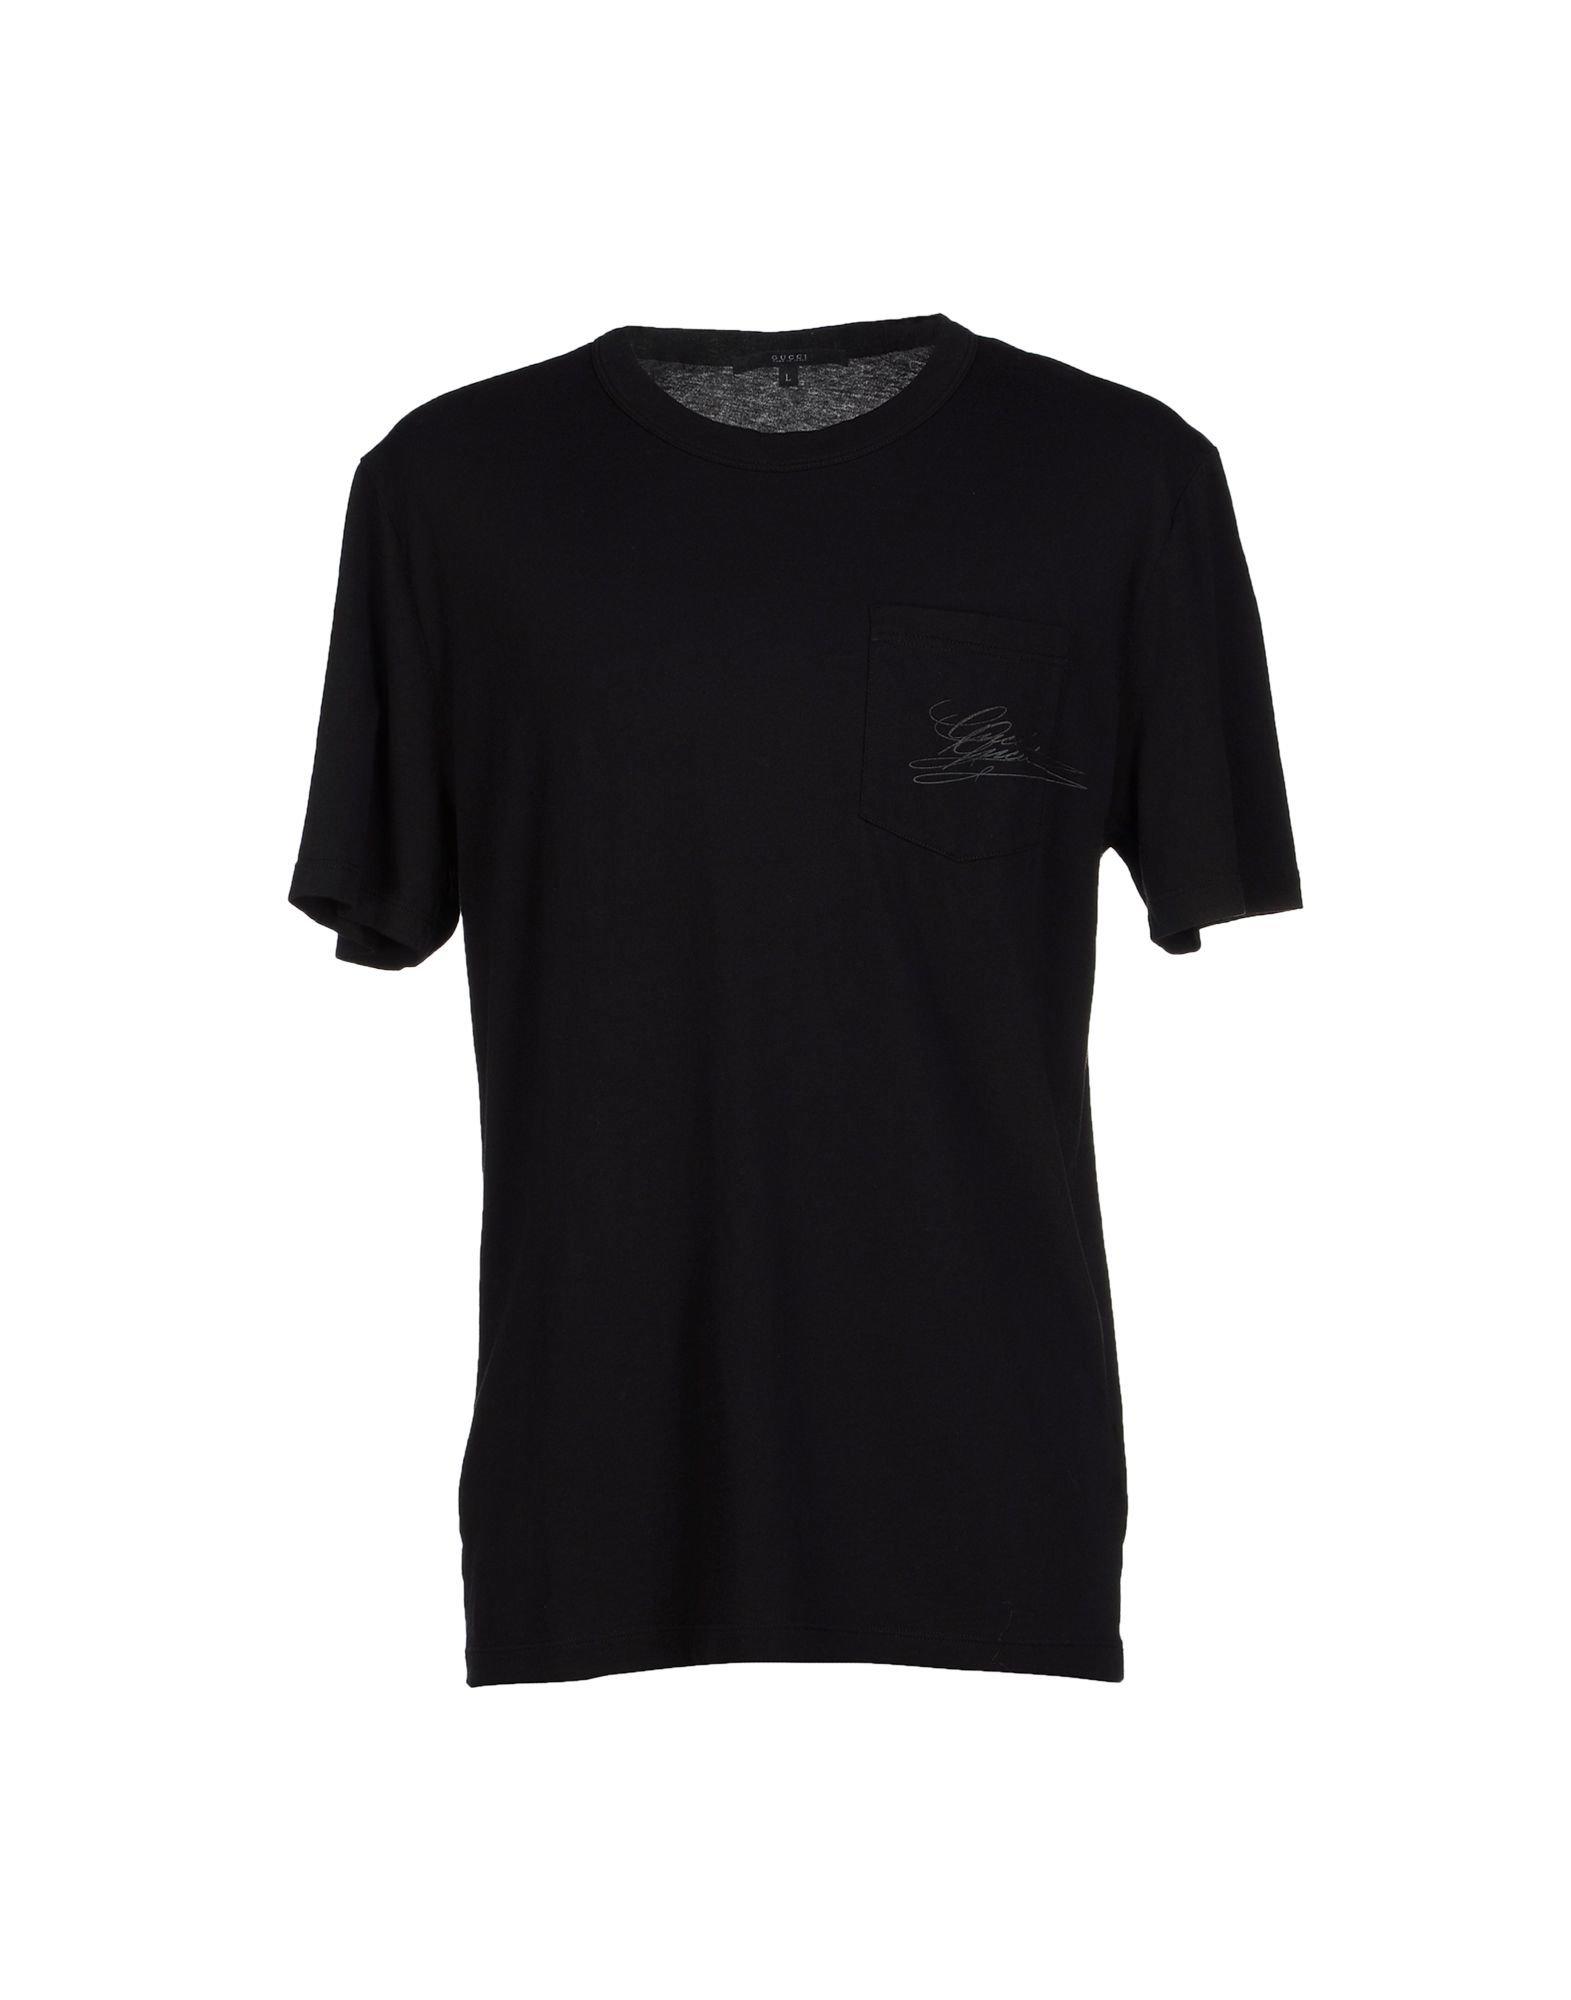 lyst gucci t shirt in black for men. Black Bedroom Furniture Sets. Home Design Ideas